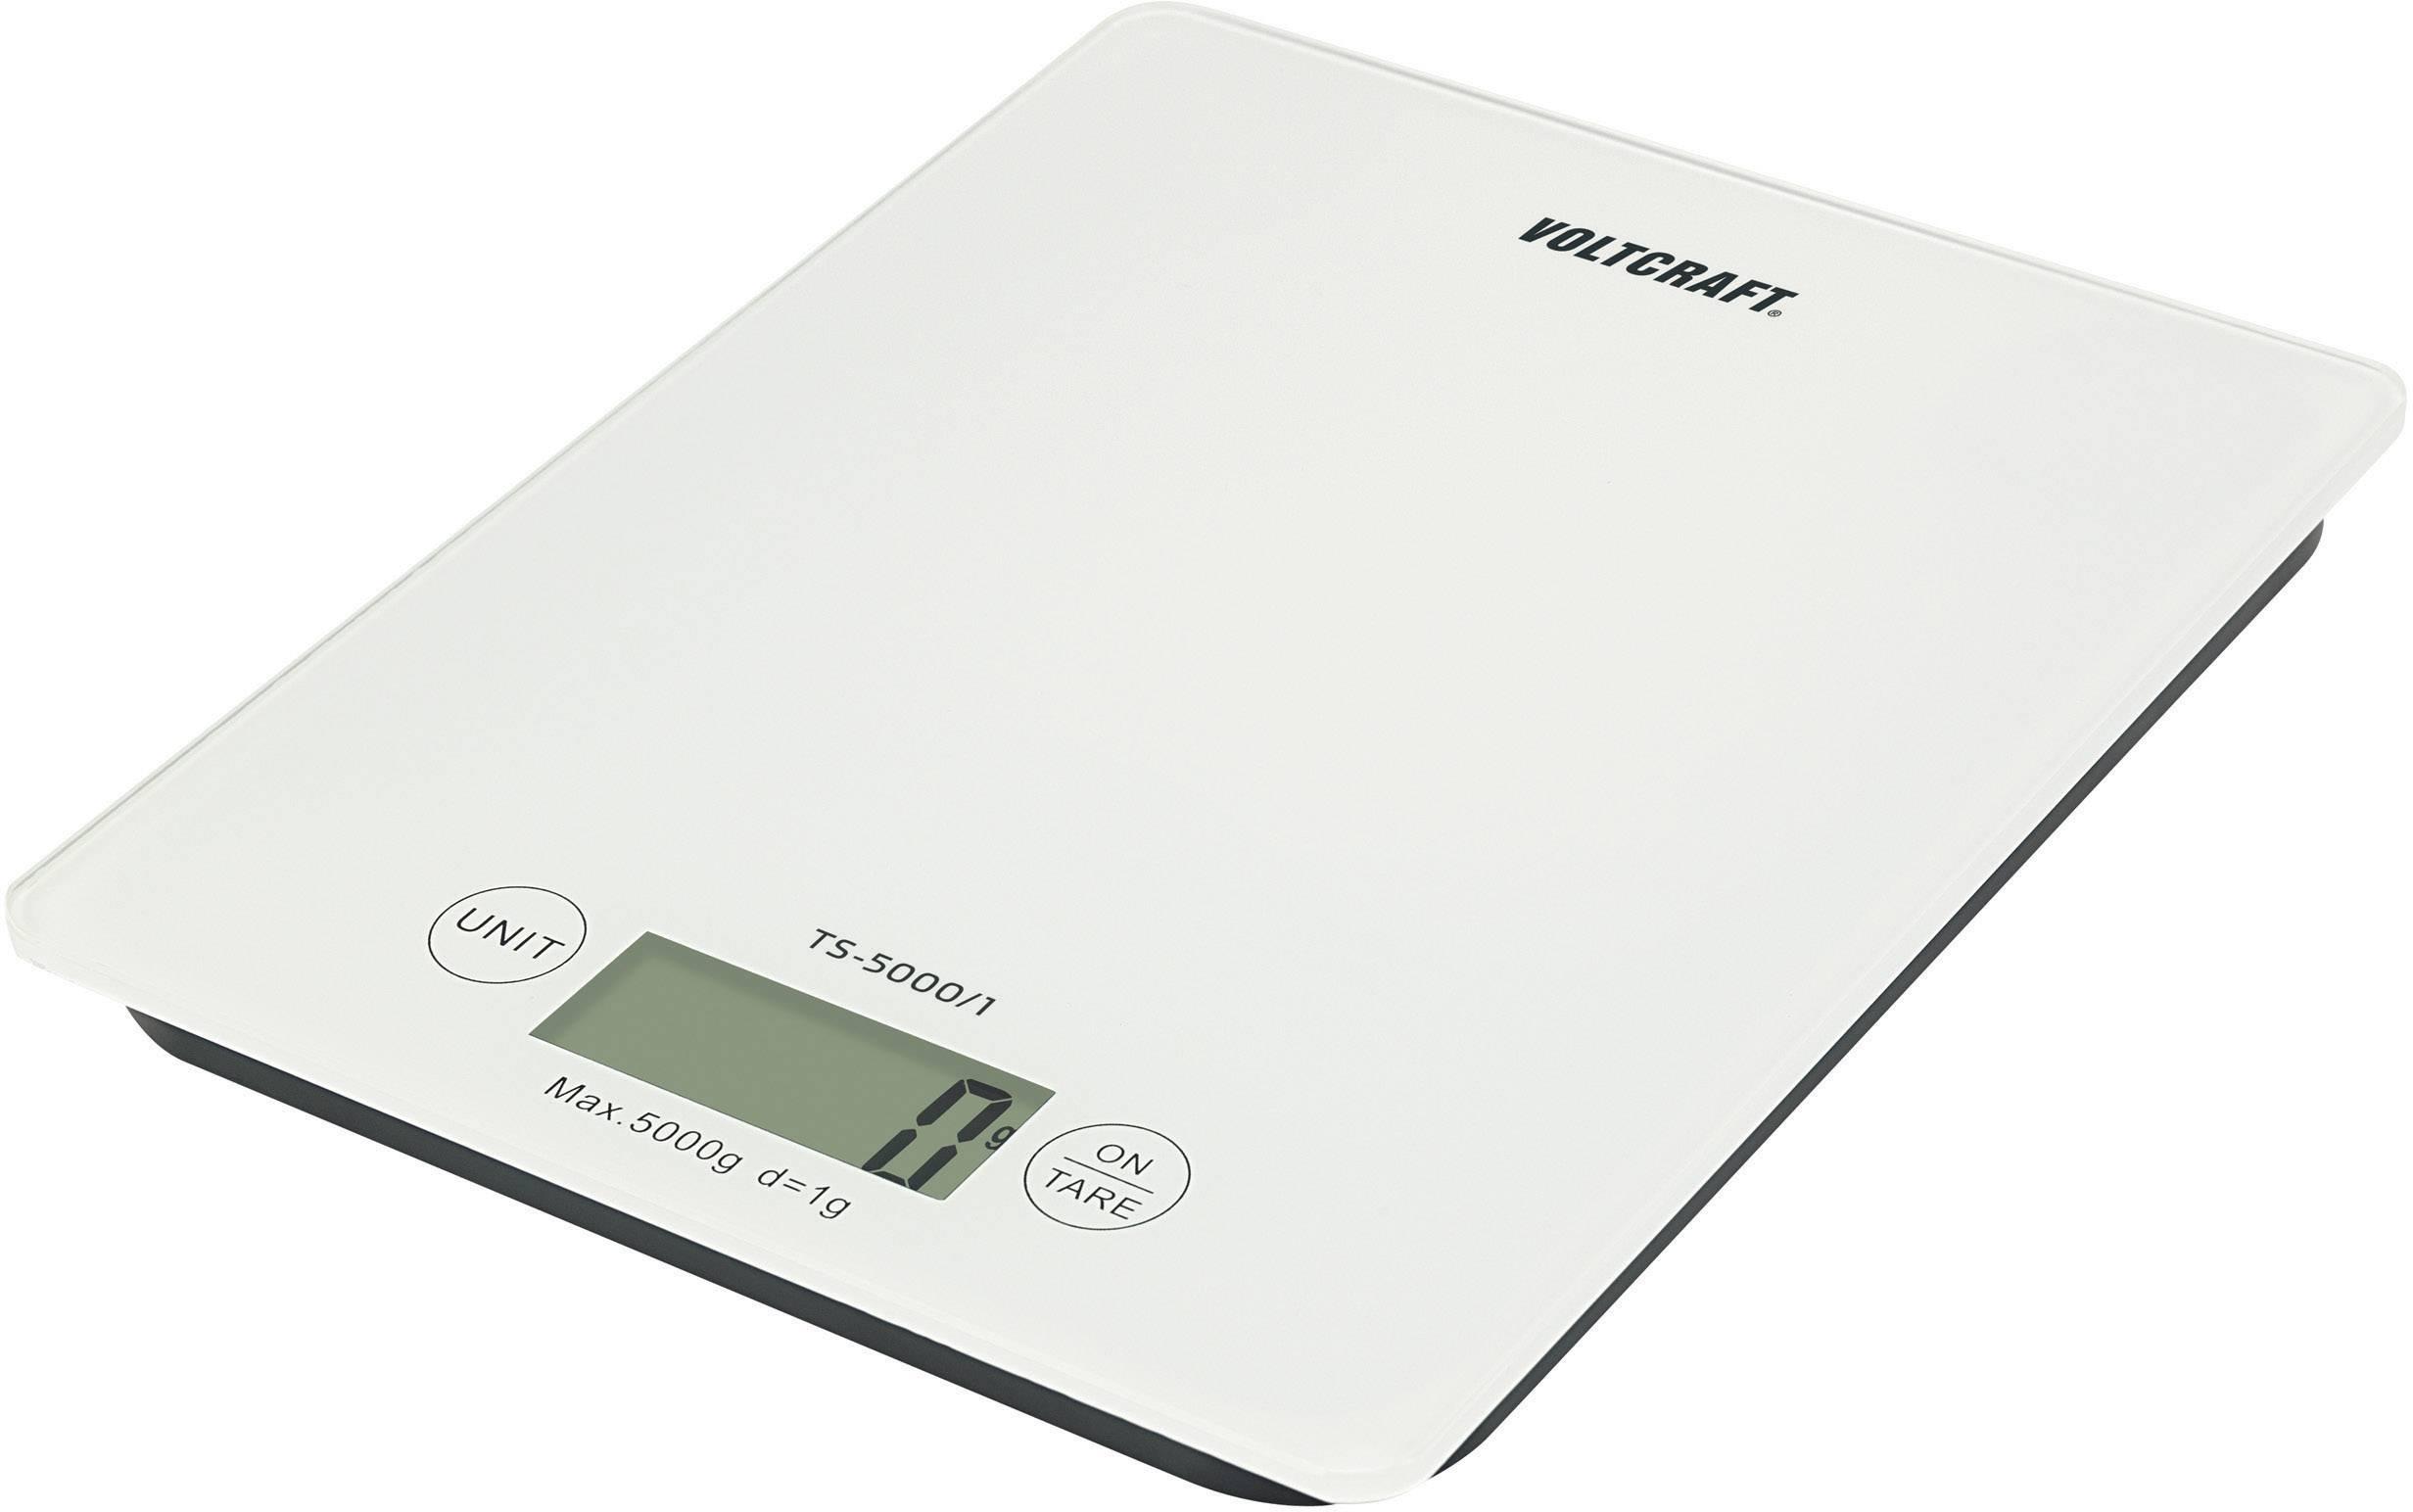 Váha na dopisy VOLTCRAFT TS-5000/1 Max. váživost 5 kg Rozlišení 1 g na baterii bílá